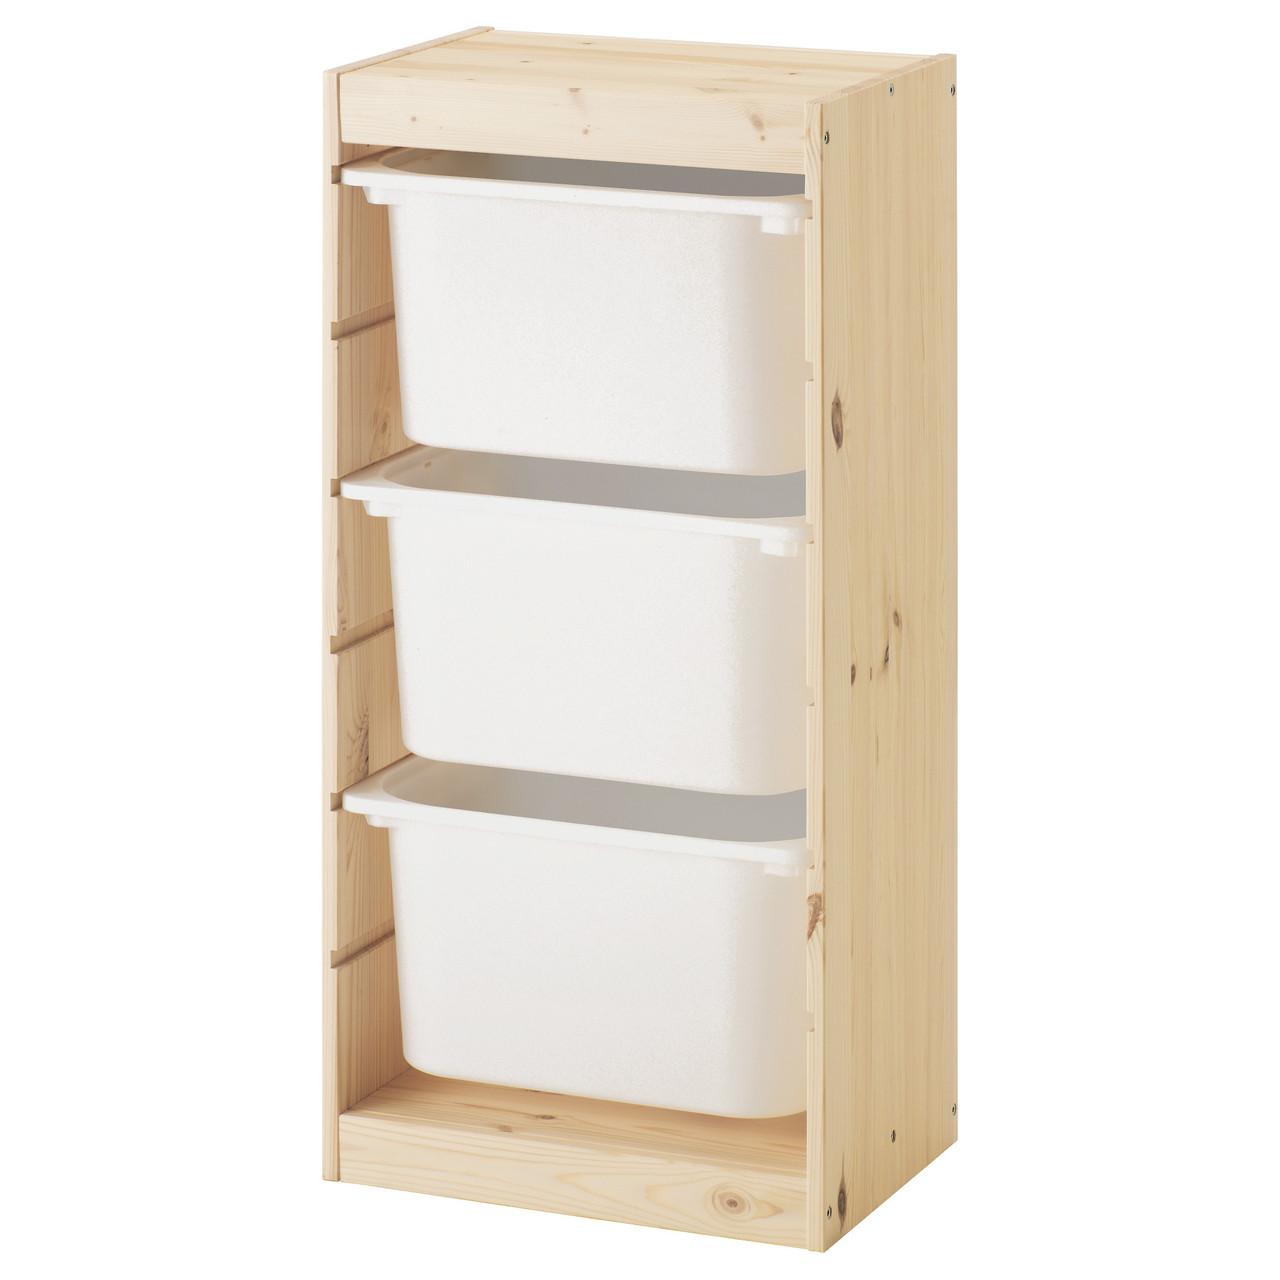 TROFAST Стеллаж с контейнерами, сосна, белый 291.030.07